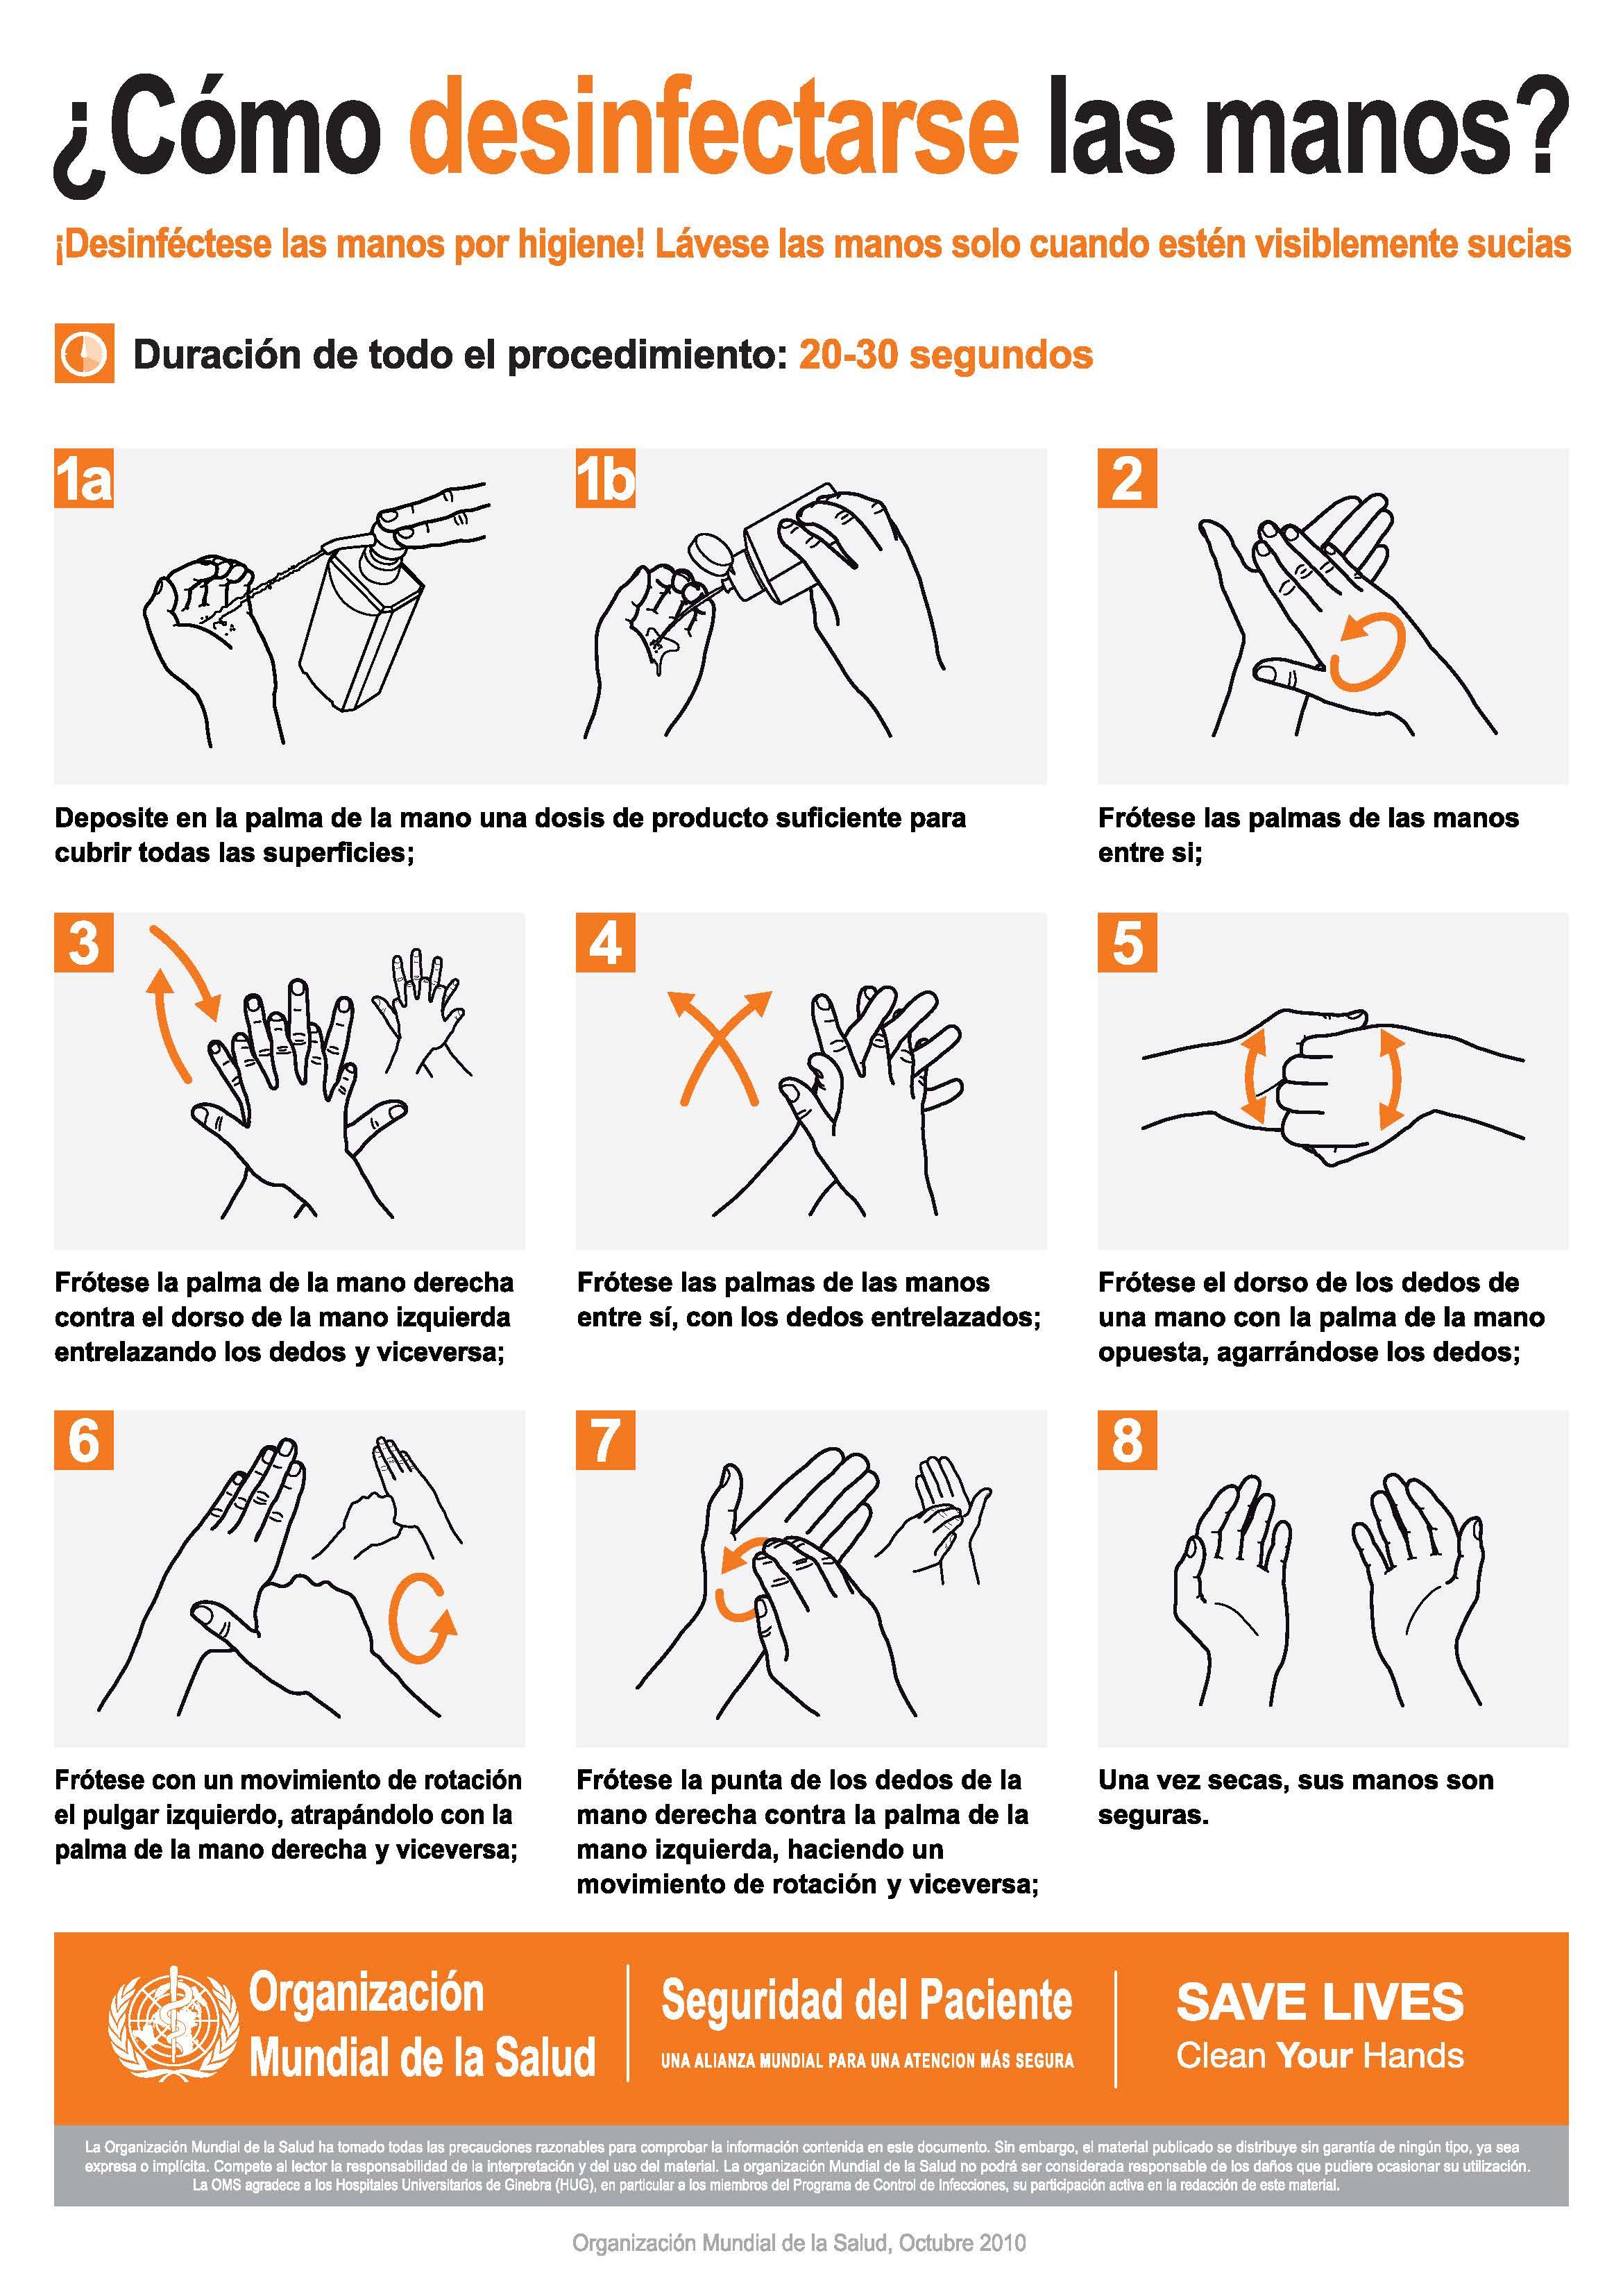 Comos desinfectarse las manos